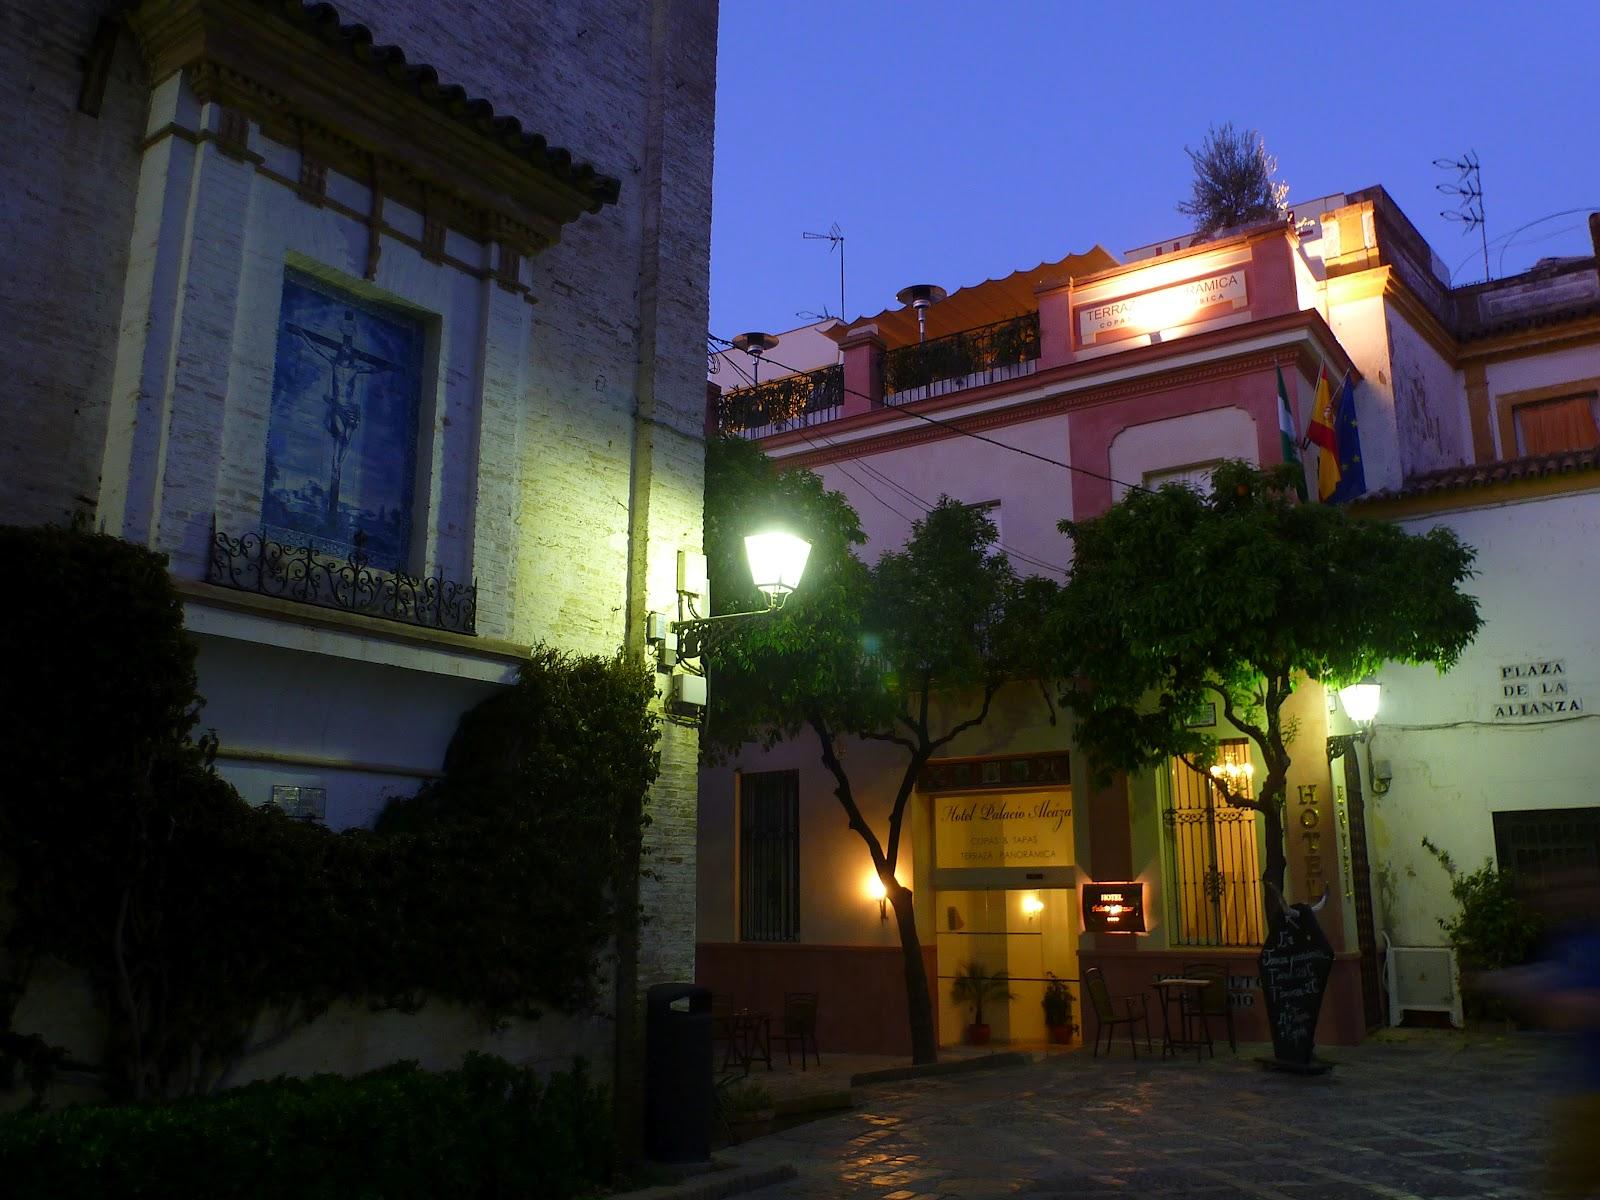 El Portal De Susana Palacio Alcázar Un Hotel Con Encanto